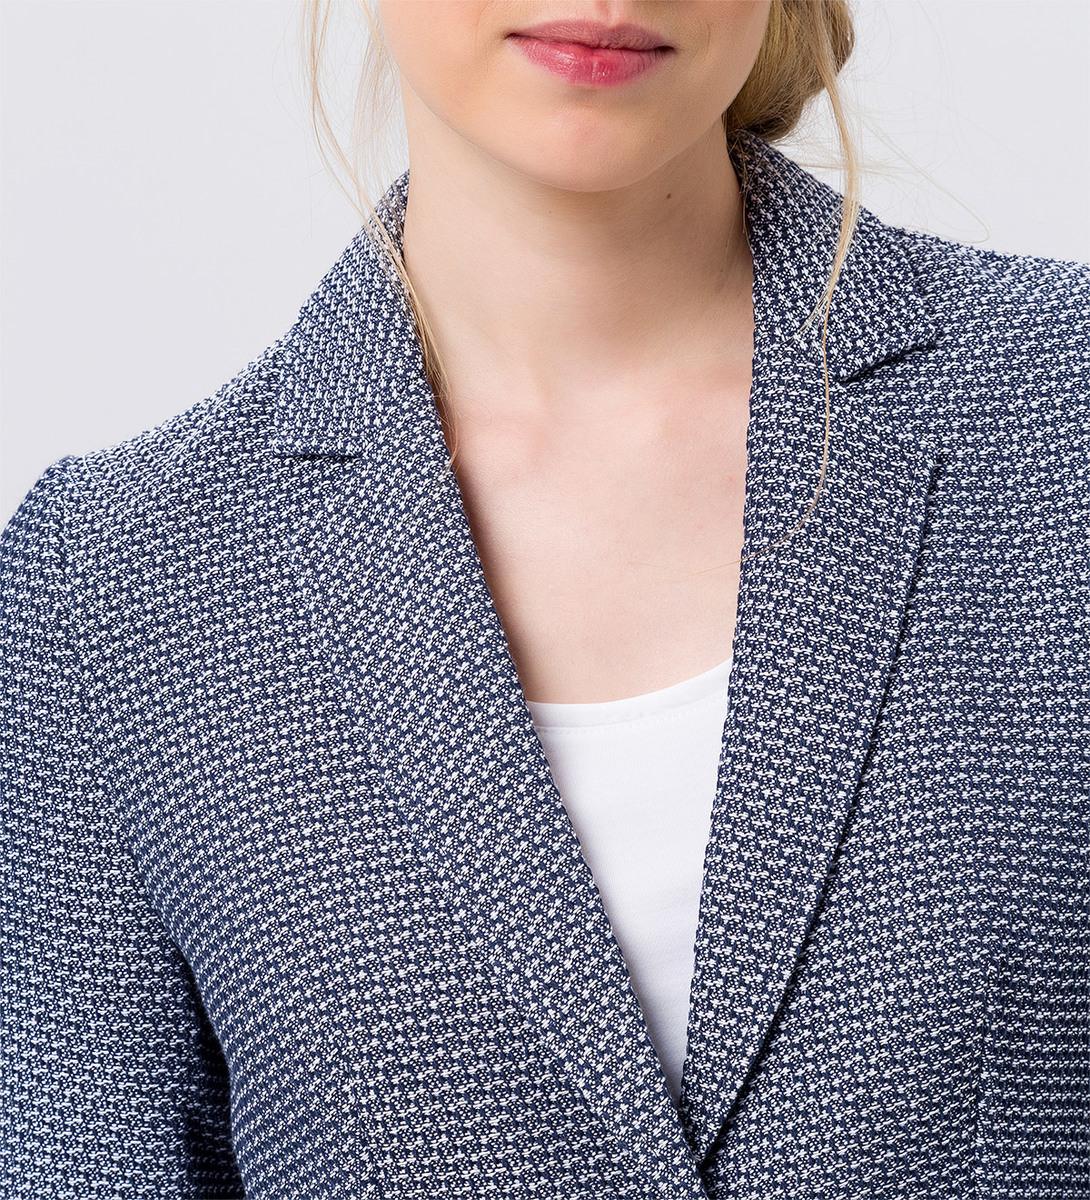 Mantel mit strukturierter Oberfläche in blue black